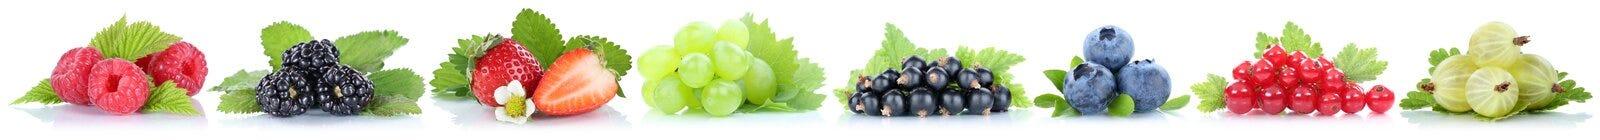 莓果葡萄红色草莓的蓝莓的汇集 免版税图库摄影